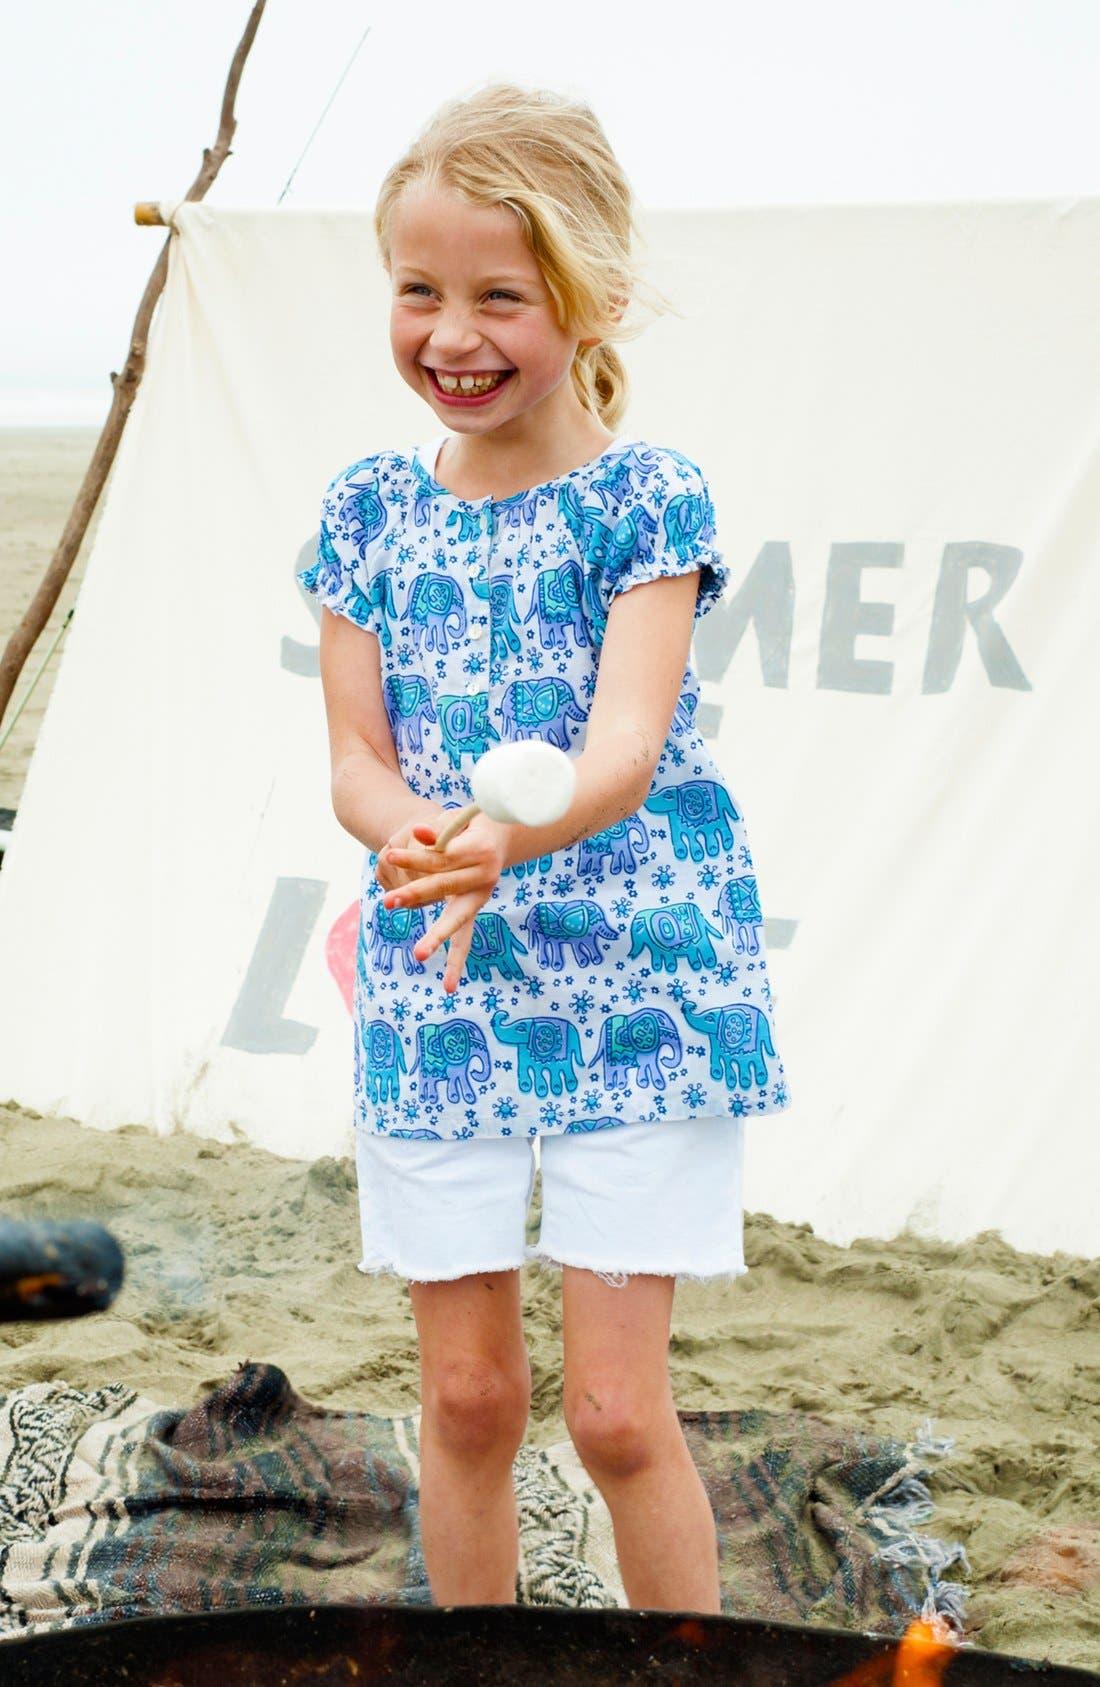 Alternate Image 1 Selected - Peek Top & Shorts (Toddler Girls, Little Girls & Big Girls)